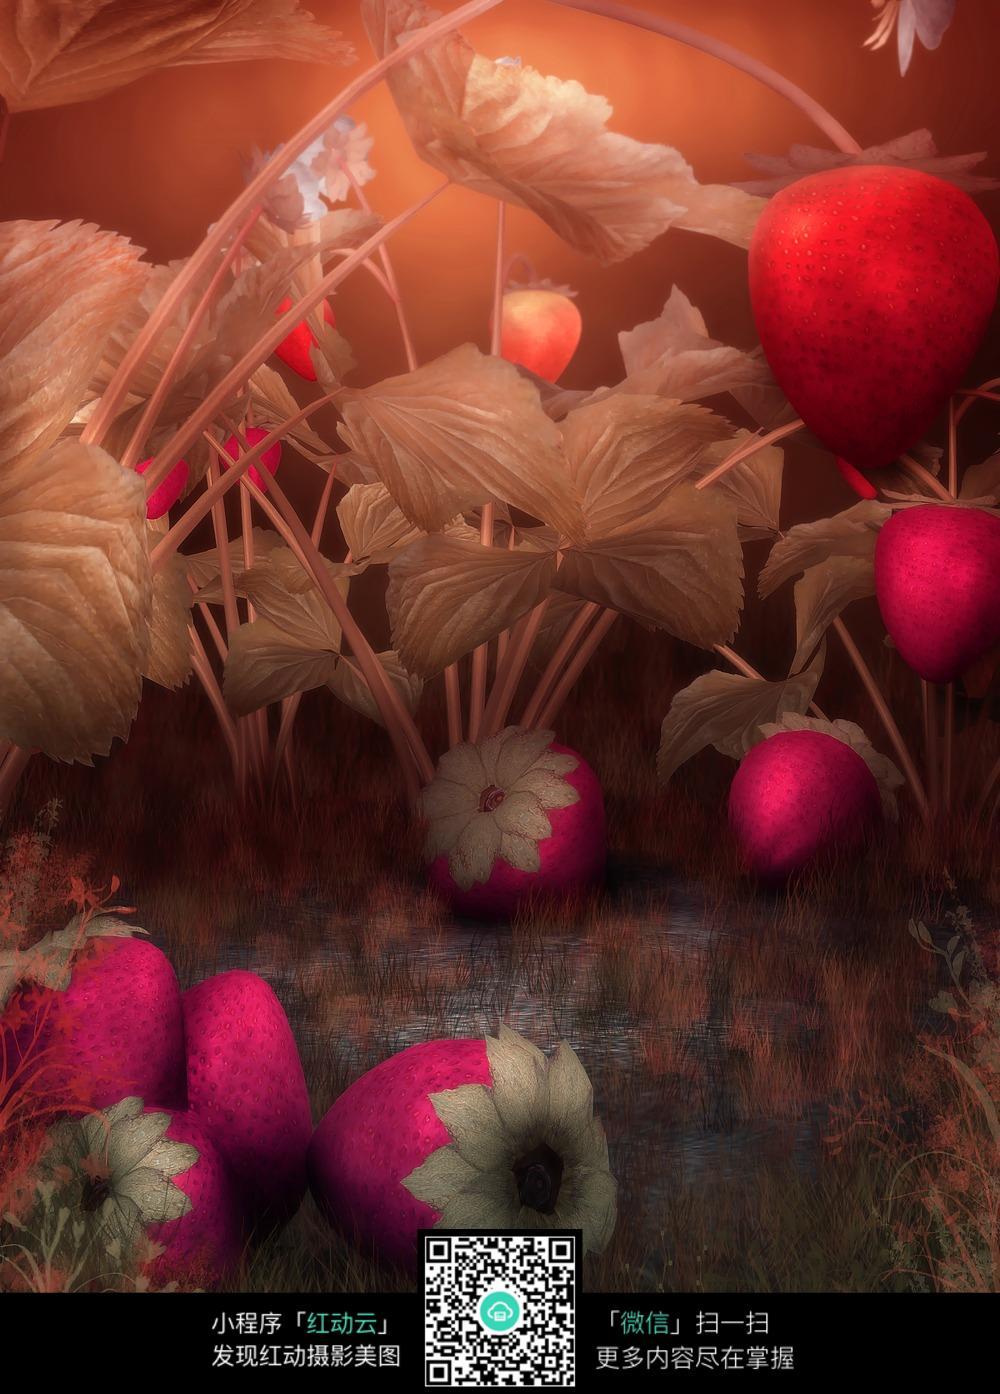 梦幻草莓背景图片